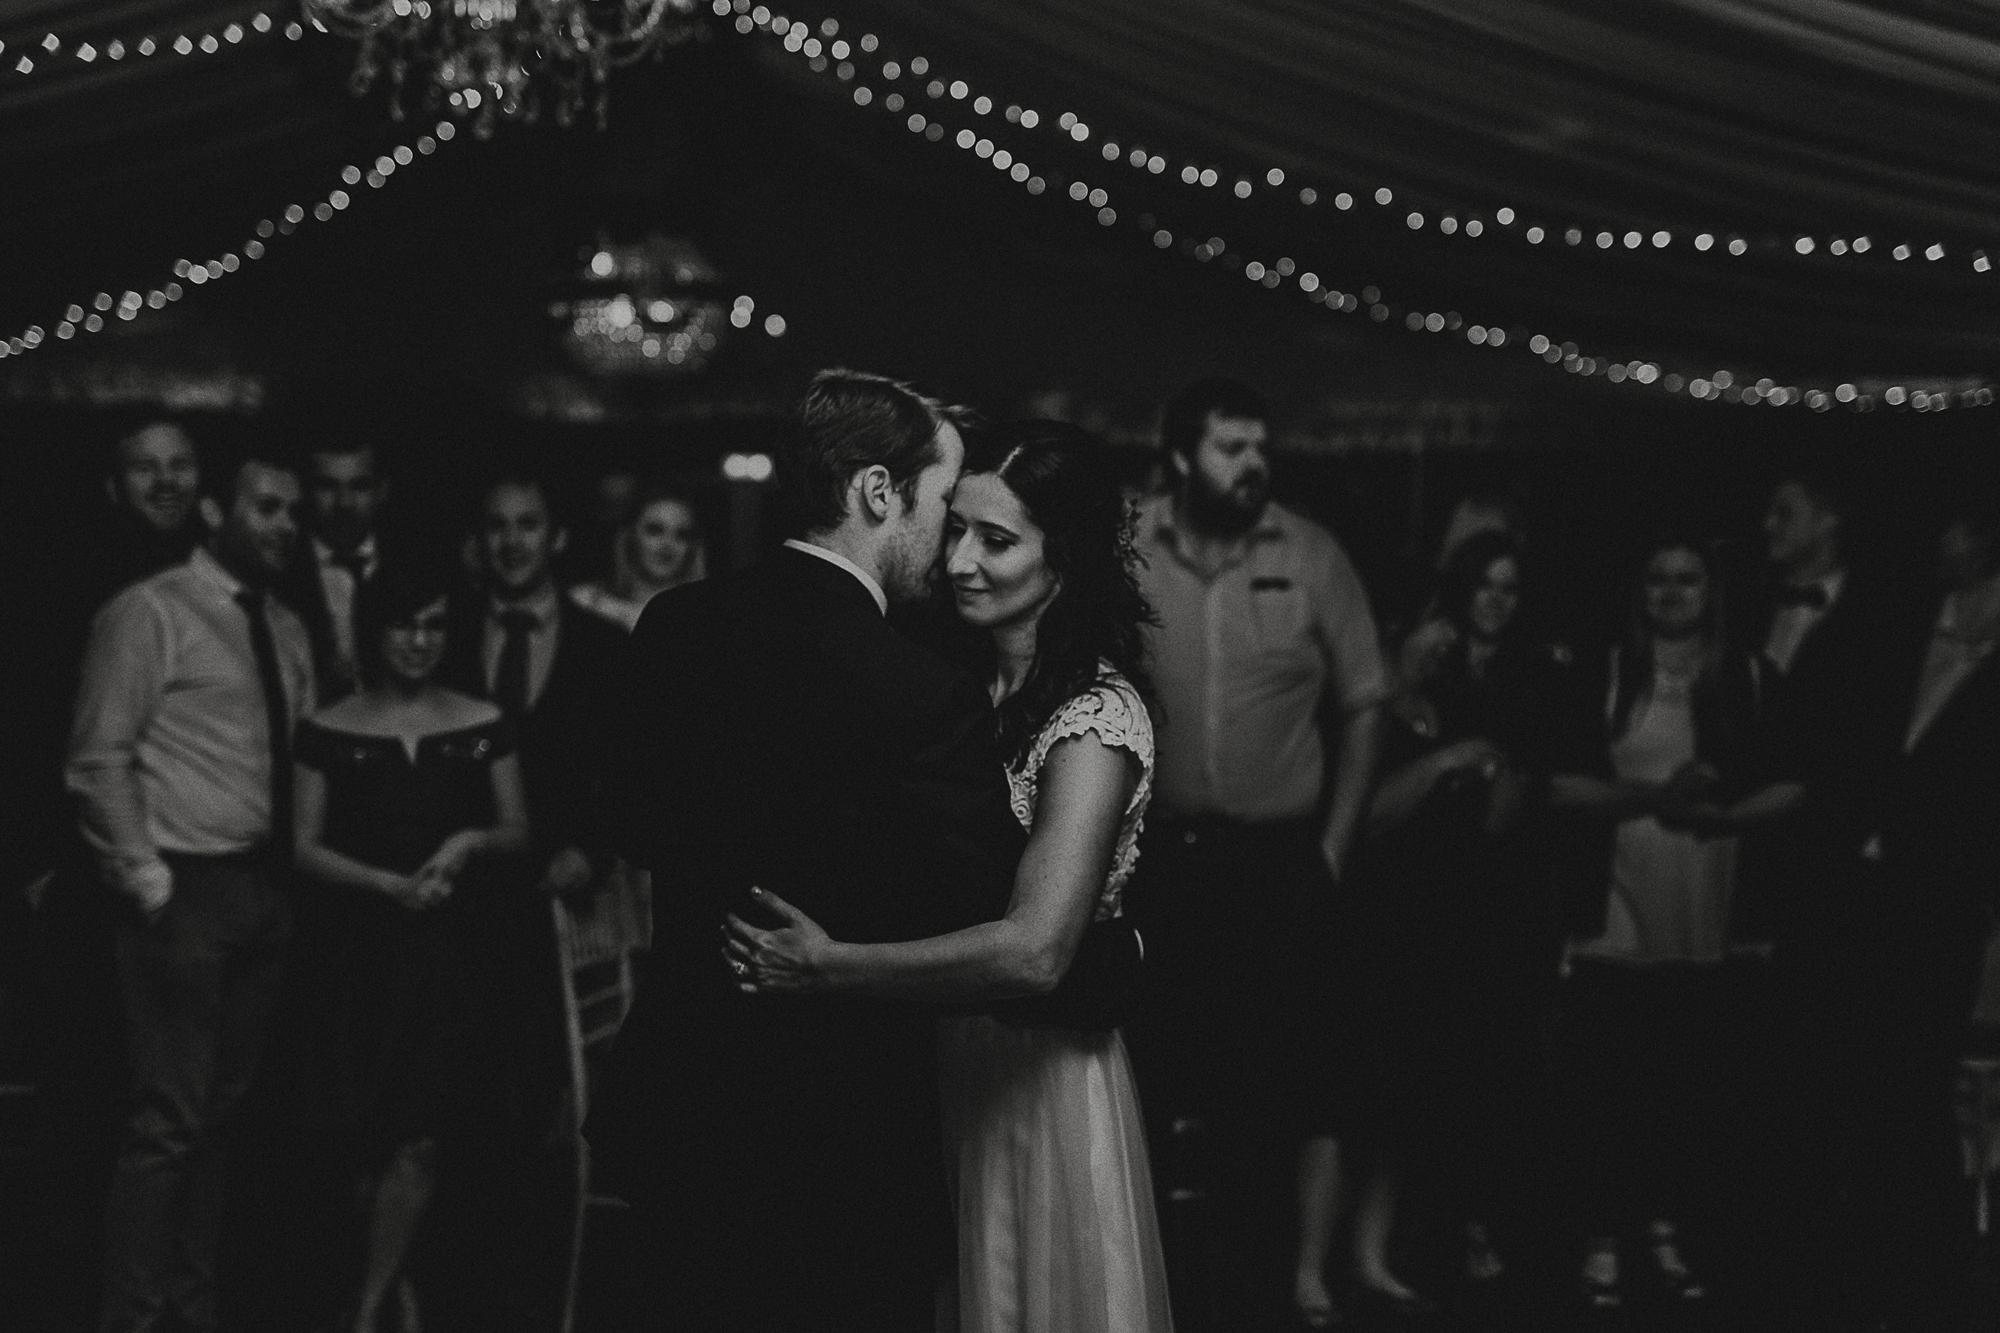 irish_wedding_photograpers_15.jpg